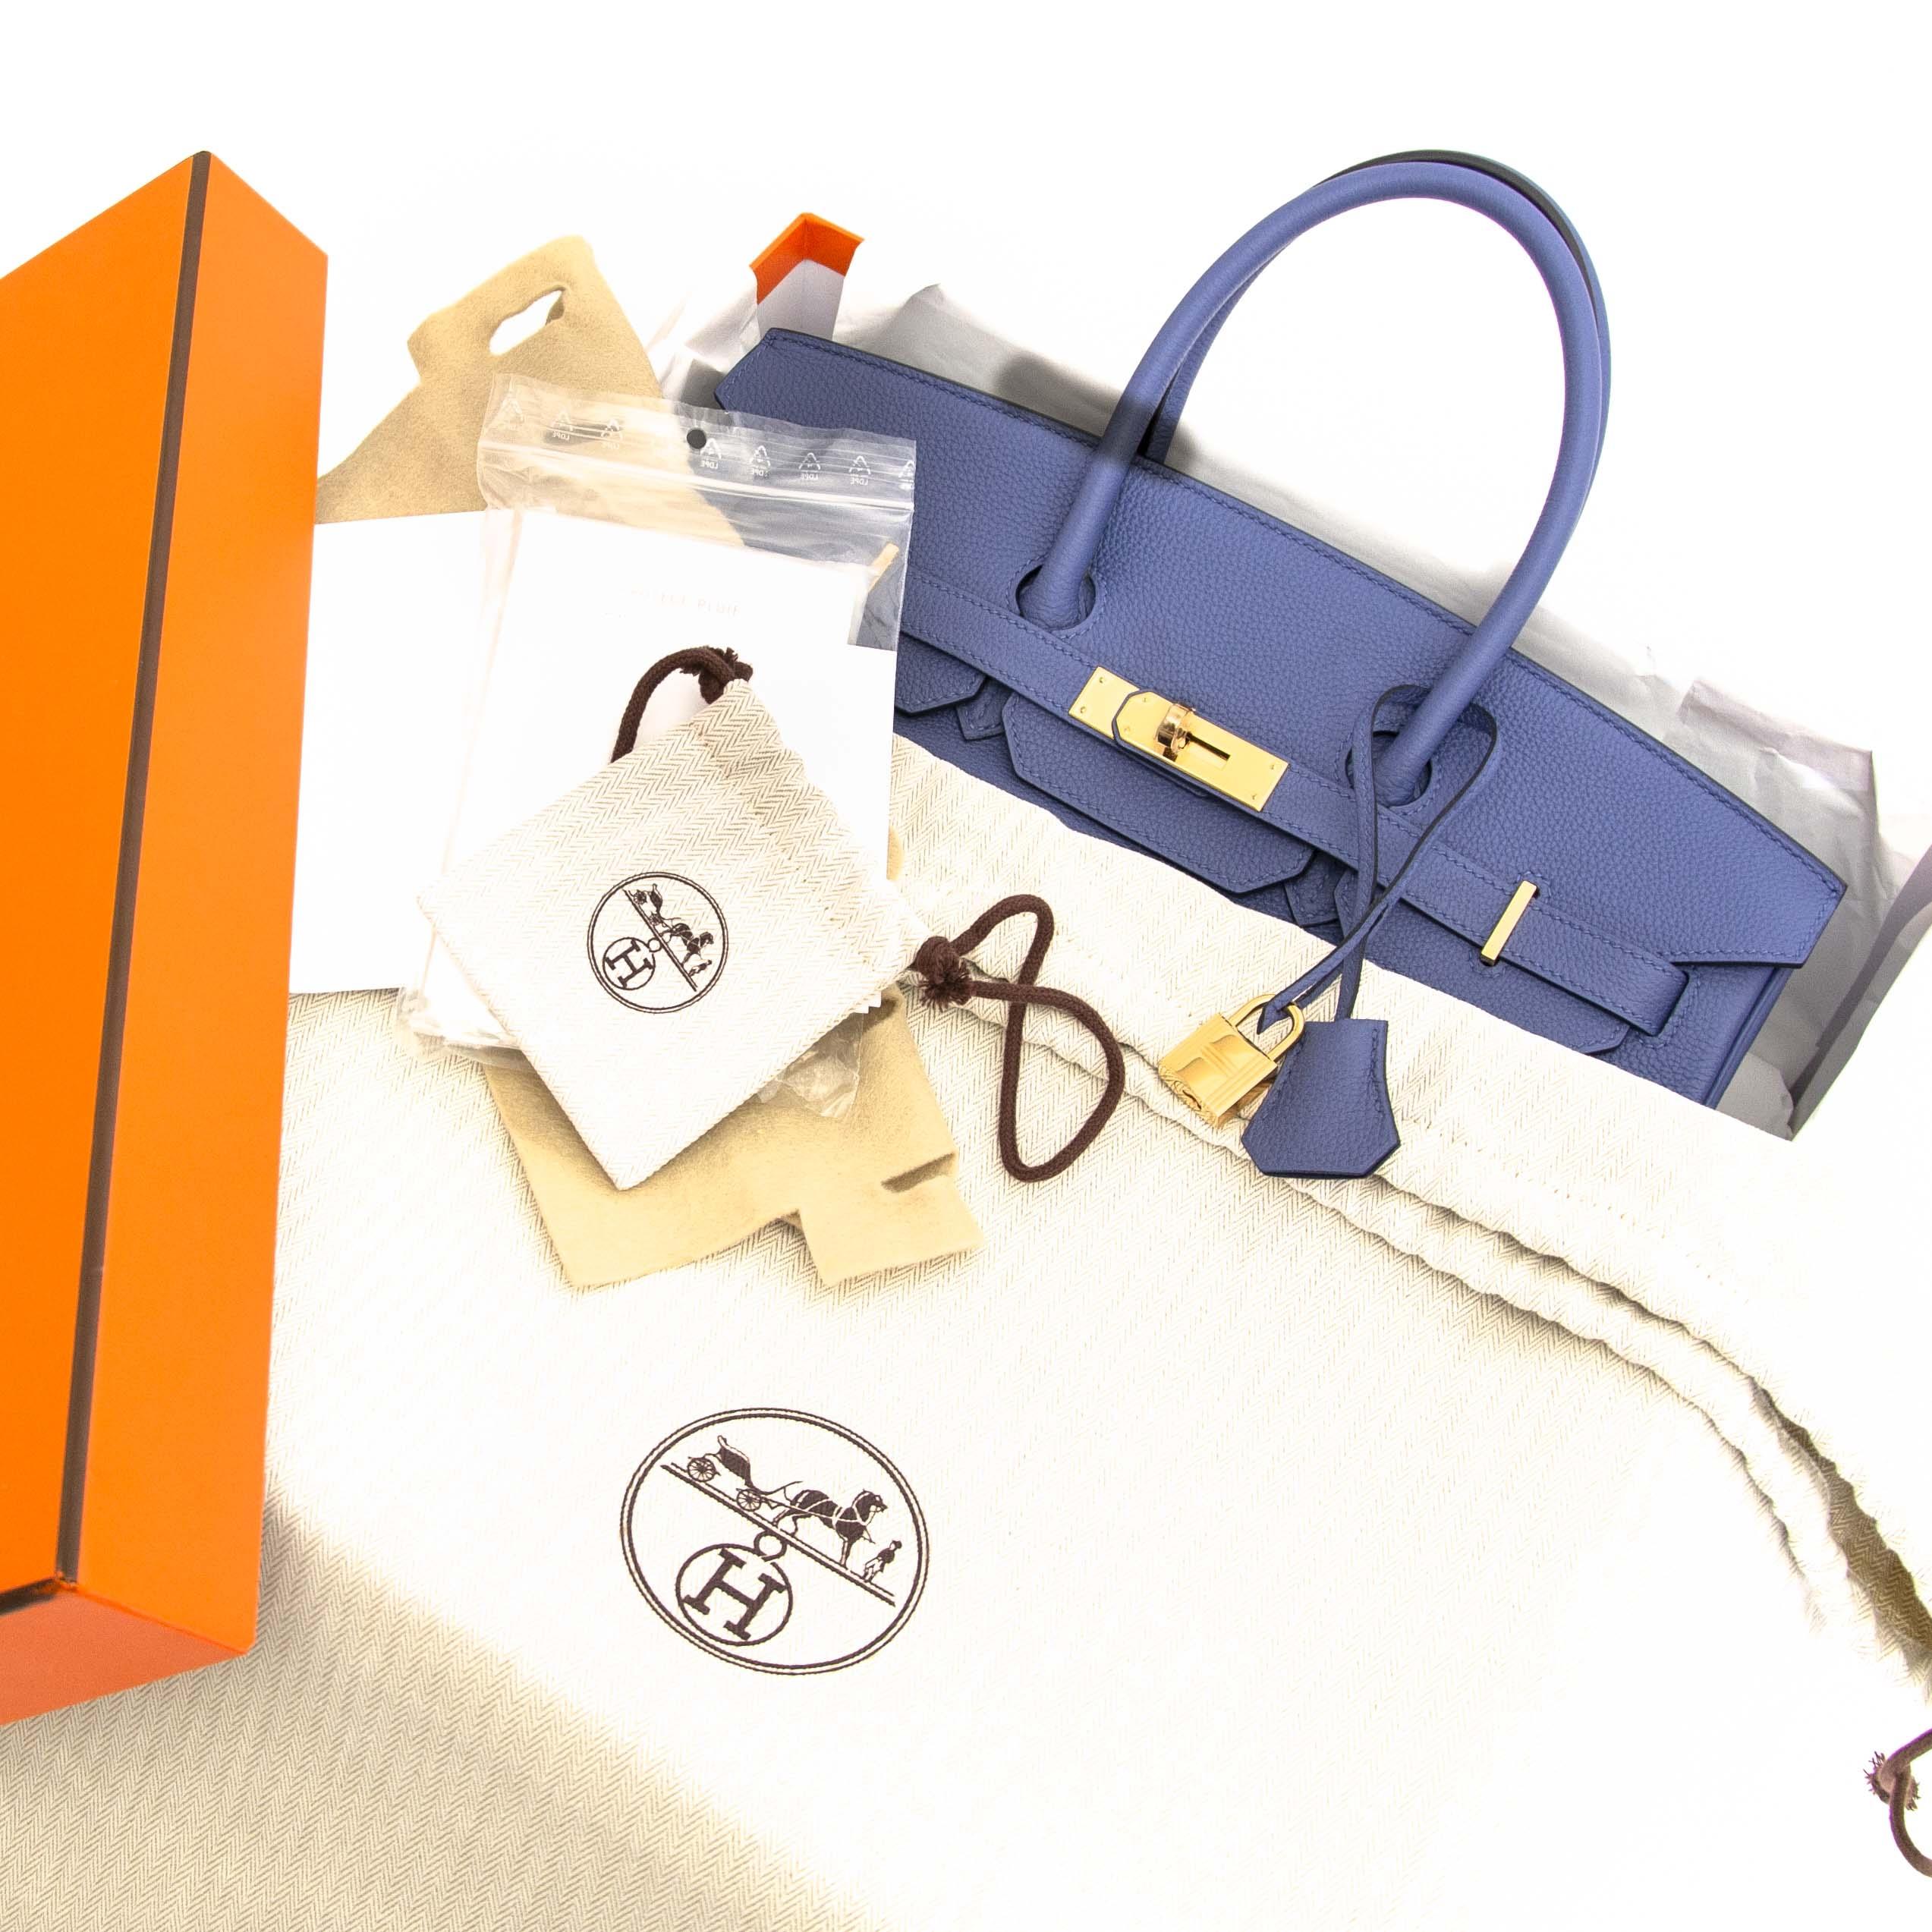 koop zonder wachtlijst uw Hermès Birkin 35 Togo Bleu Brighton GHW nu bij Labellov.com.